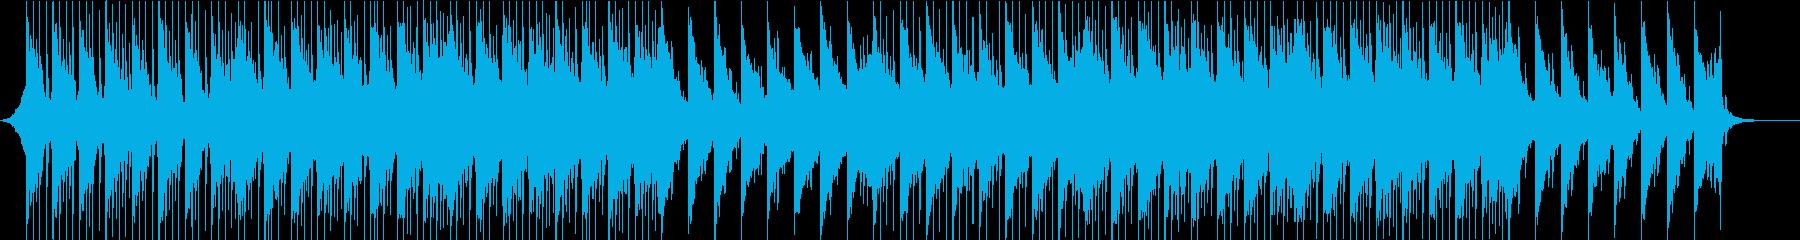 企業向け7!映像を邪魔しない爽快ピアノの再生済みの波形